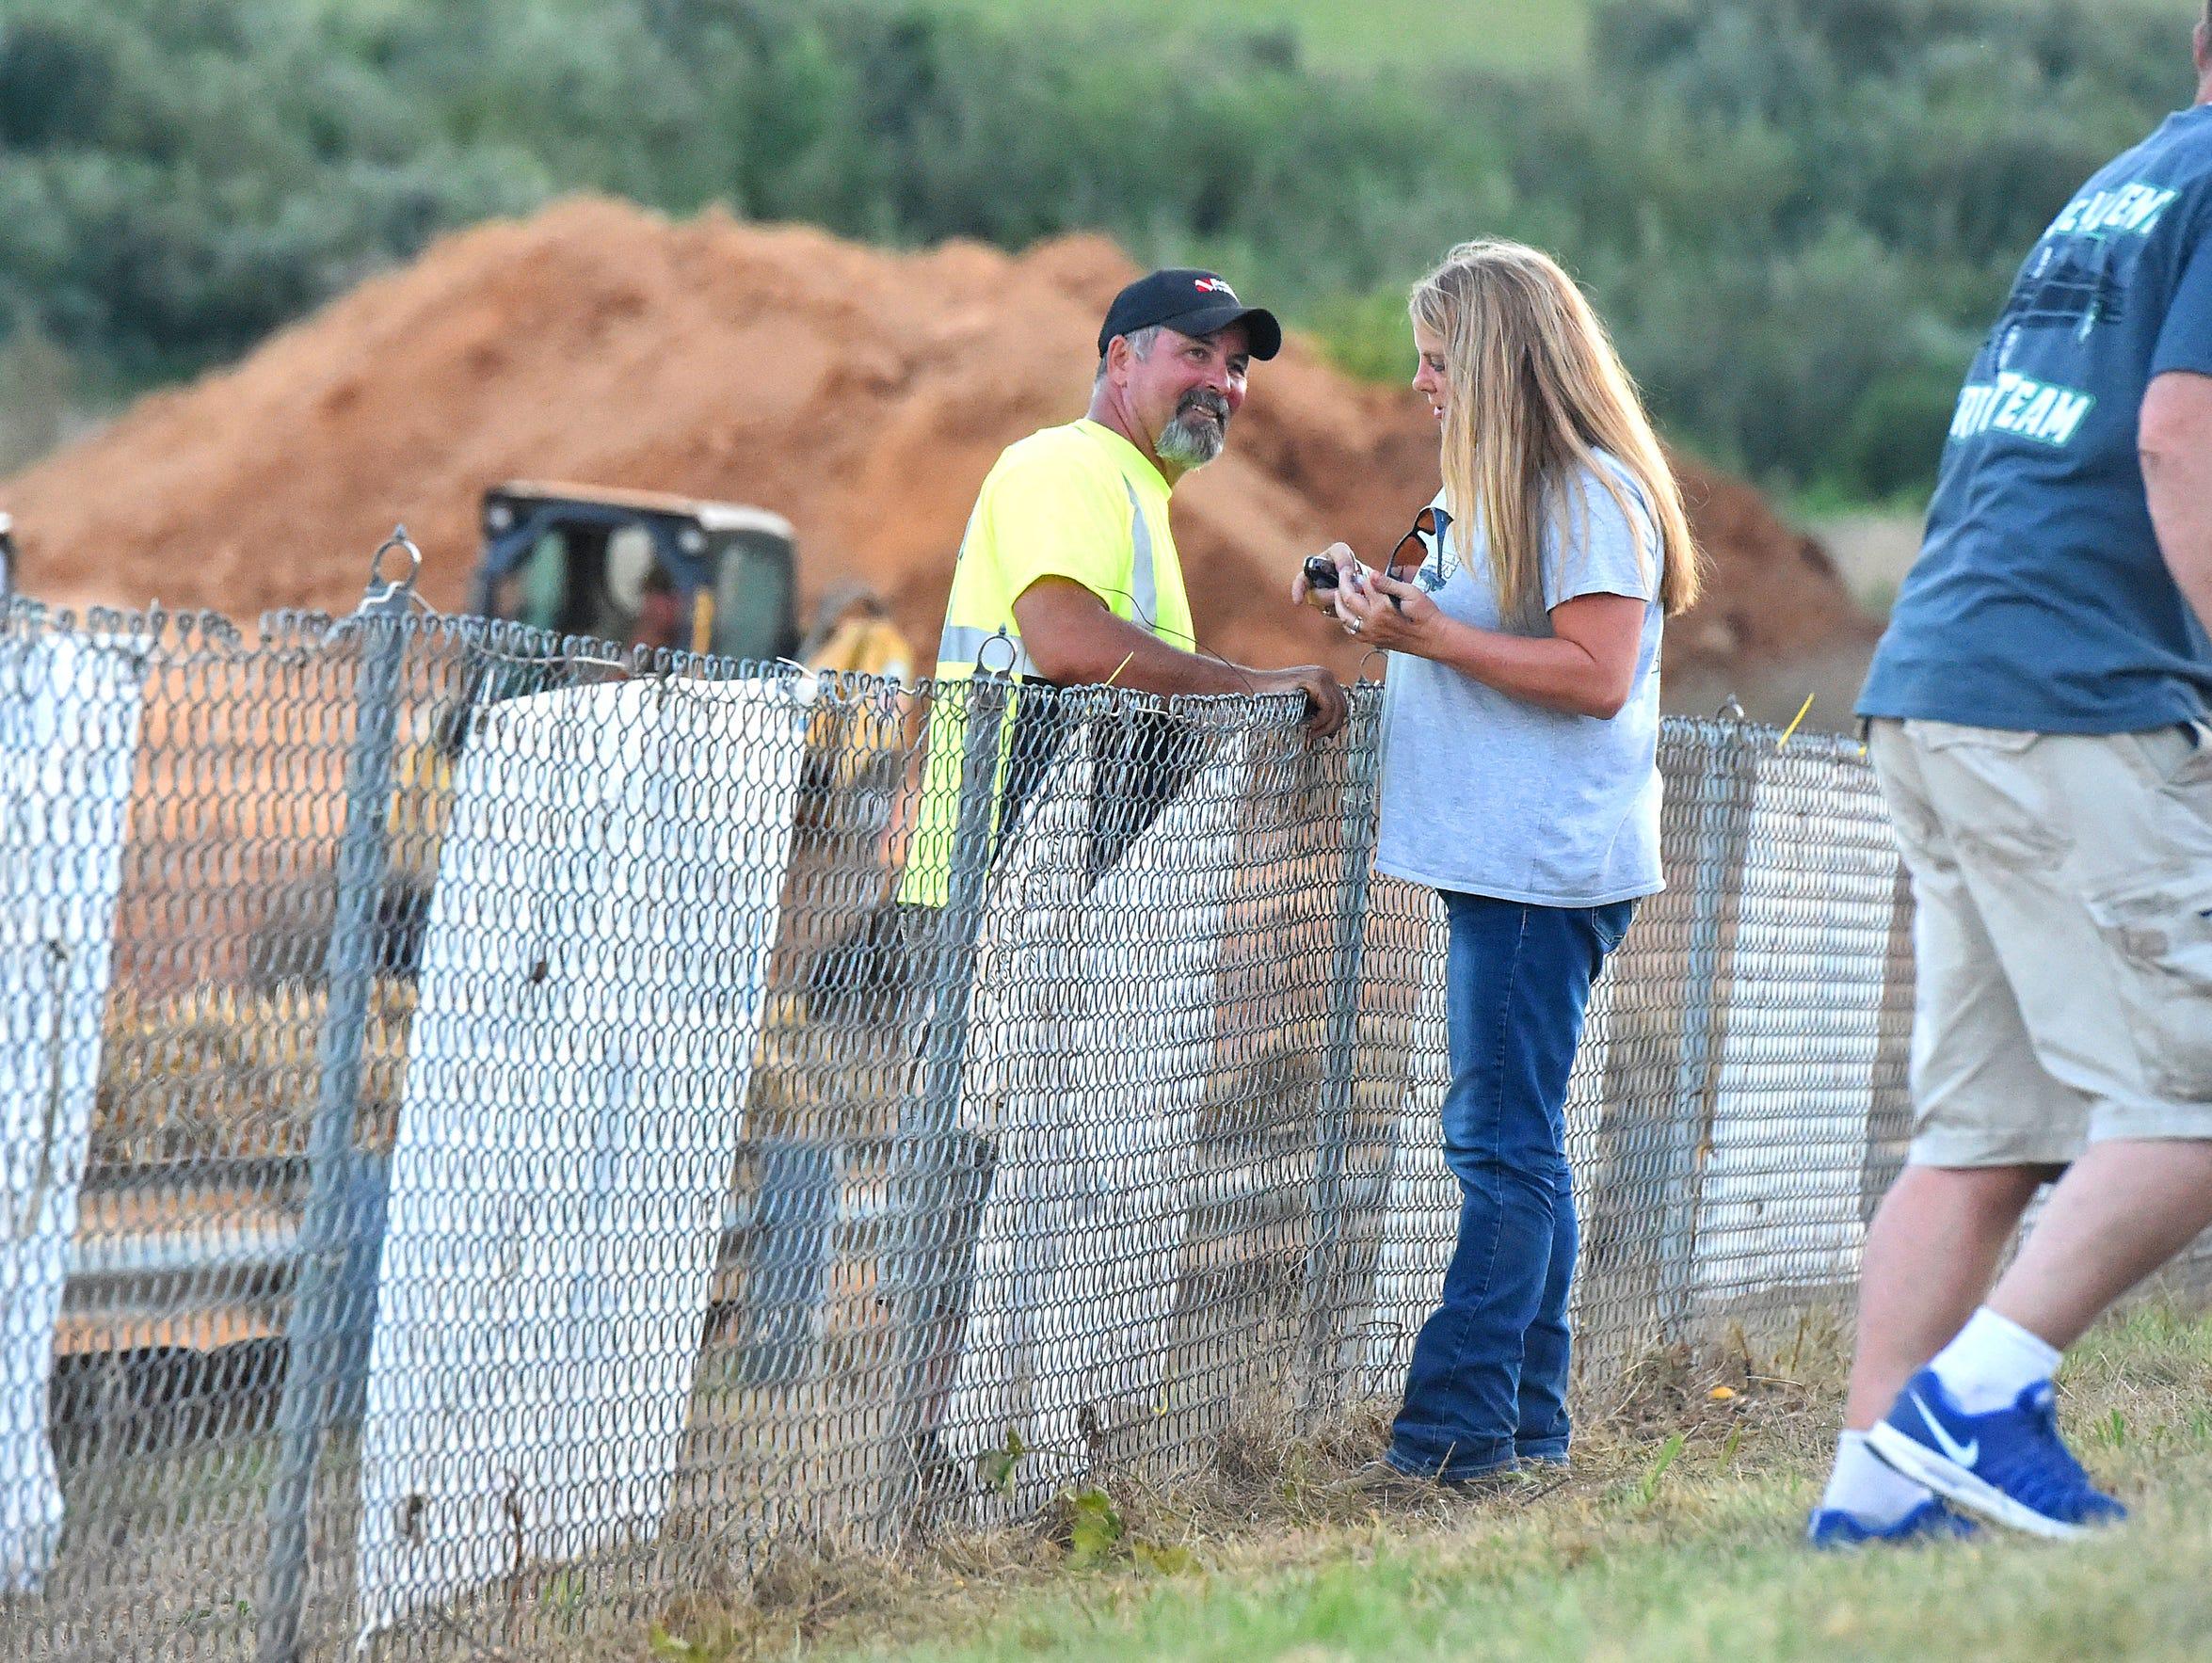 John Breeden of New Hope talks over the track fence